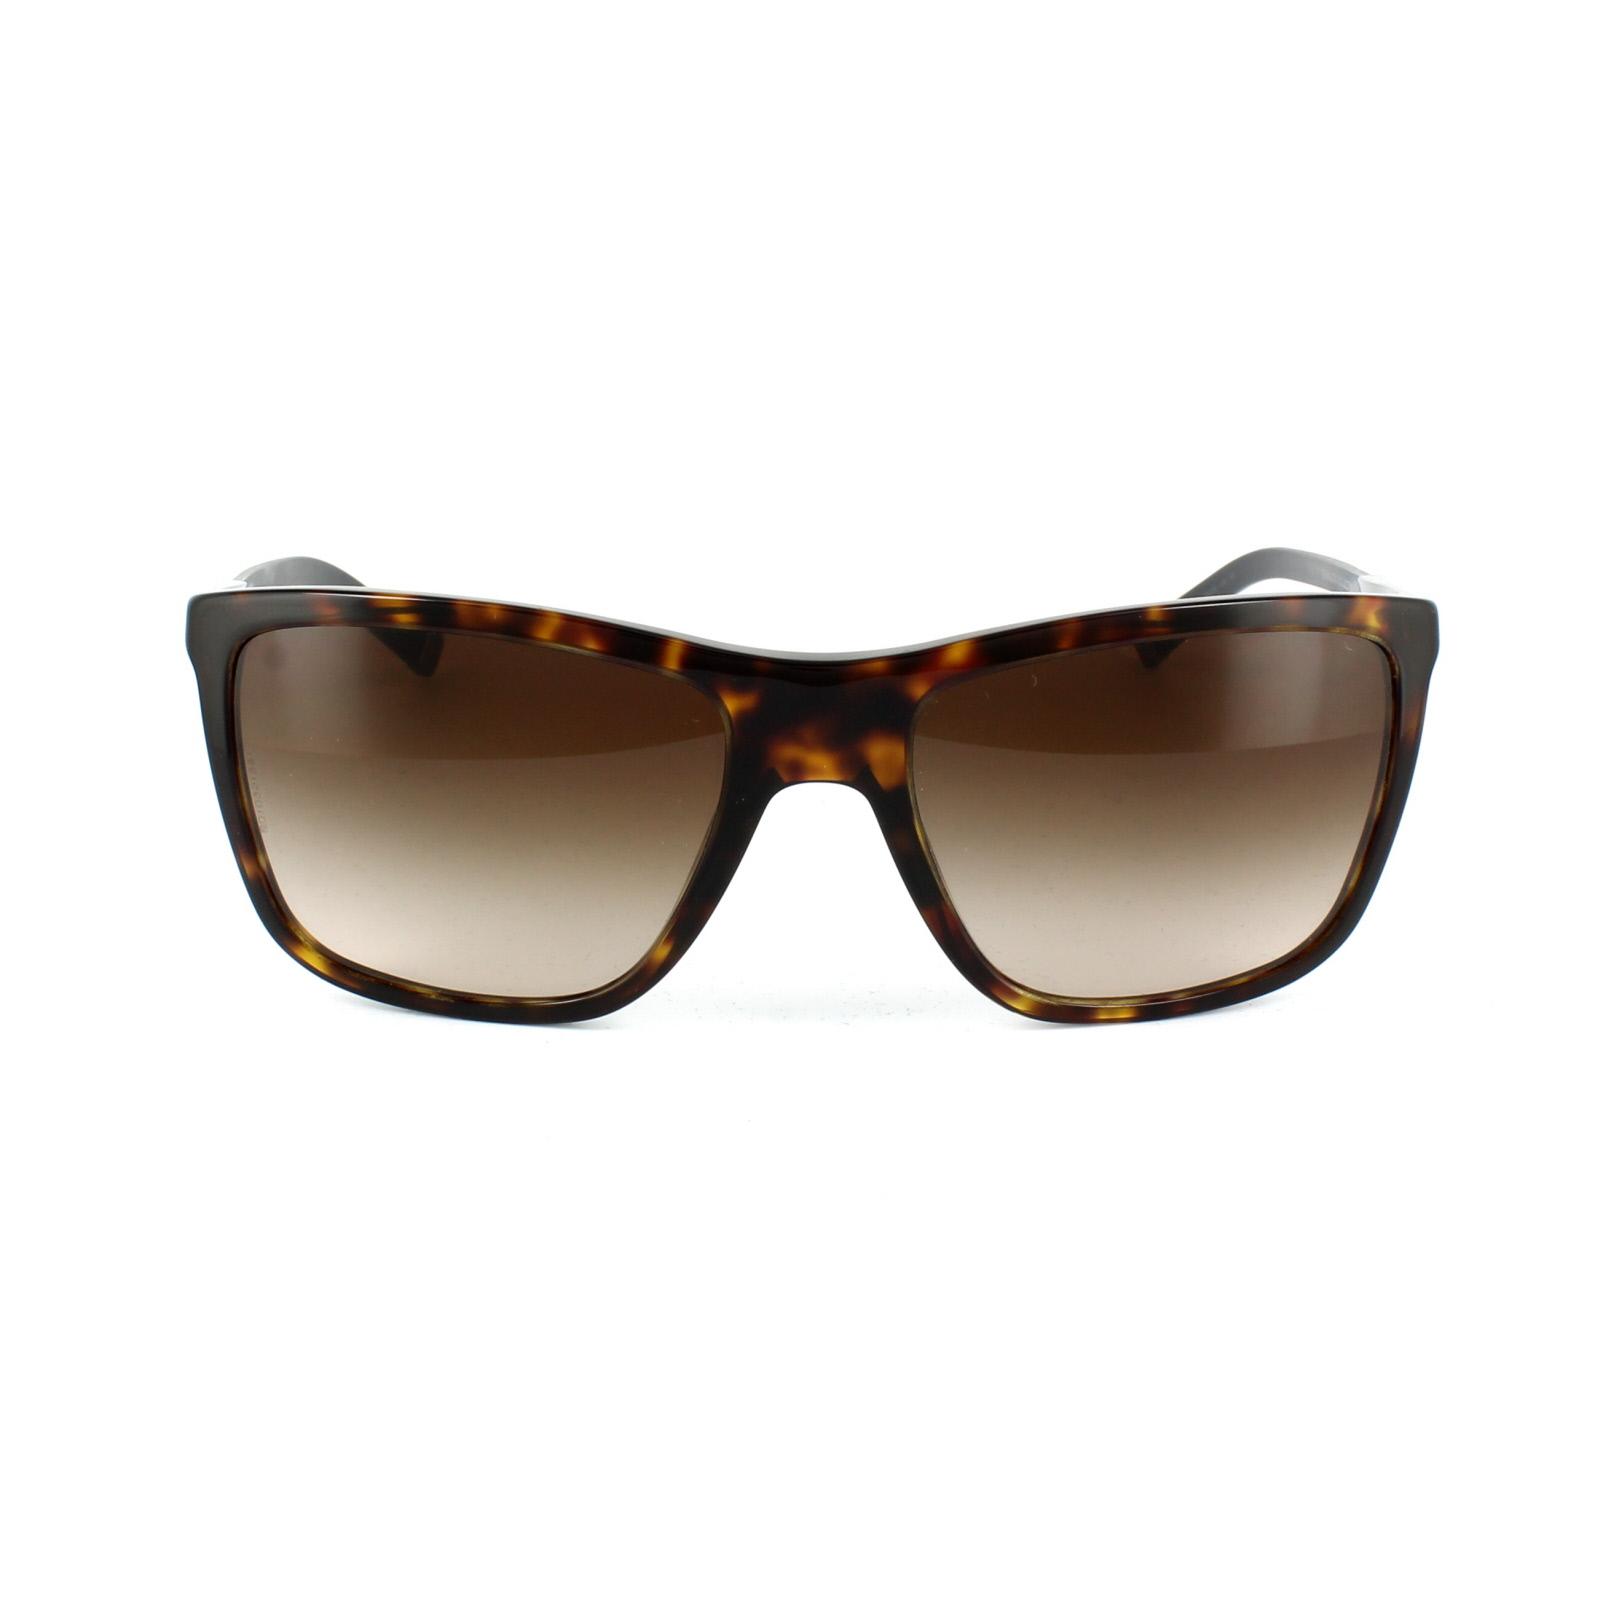 Dolce & Gabbana DG 4210 502/13 1 XAGDB